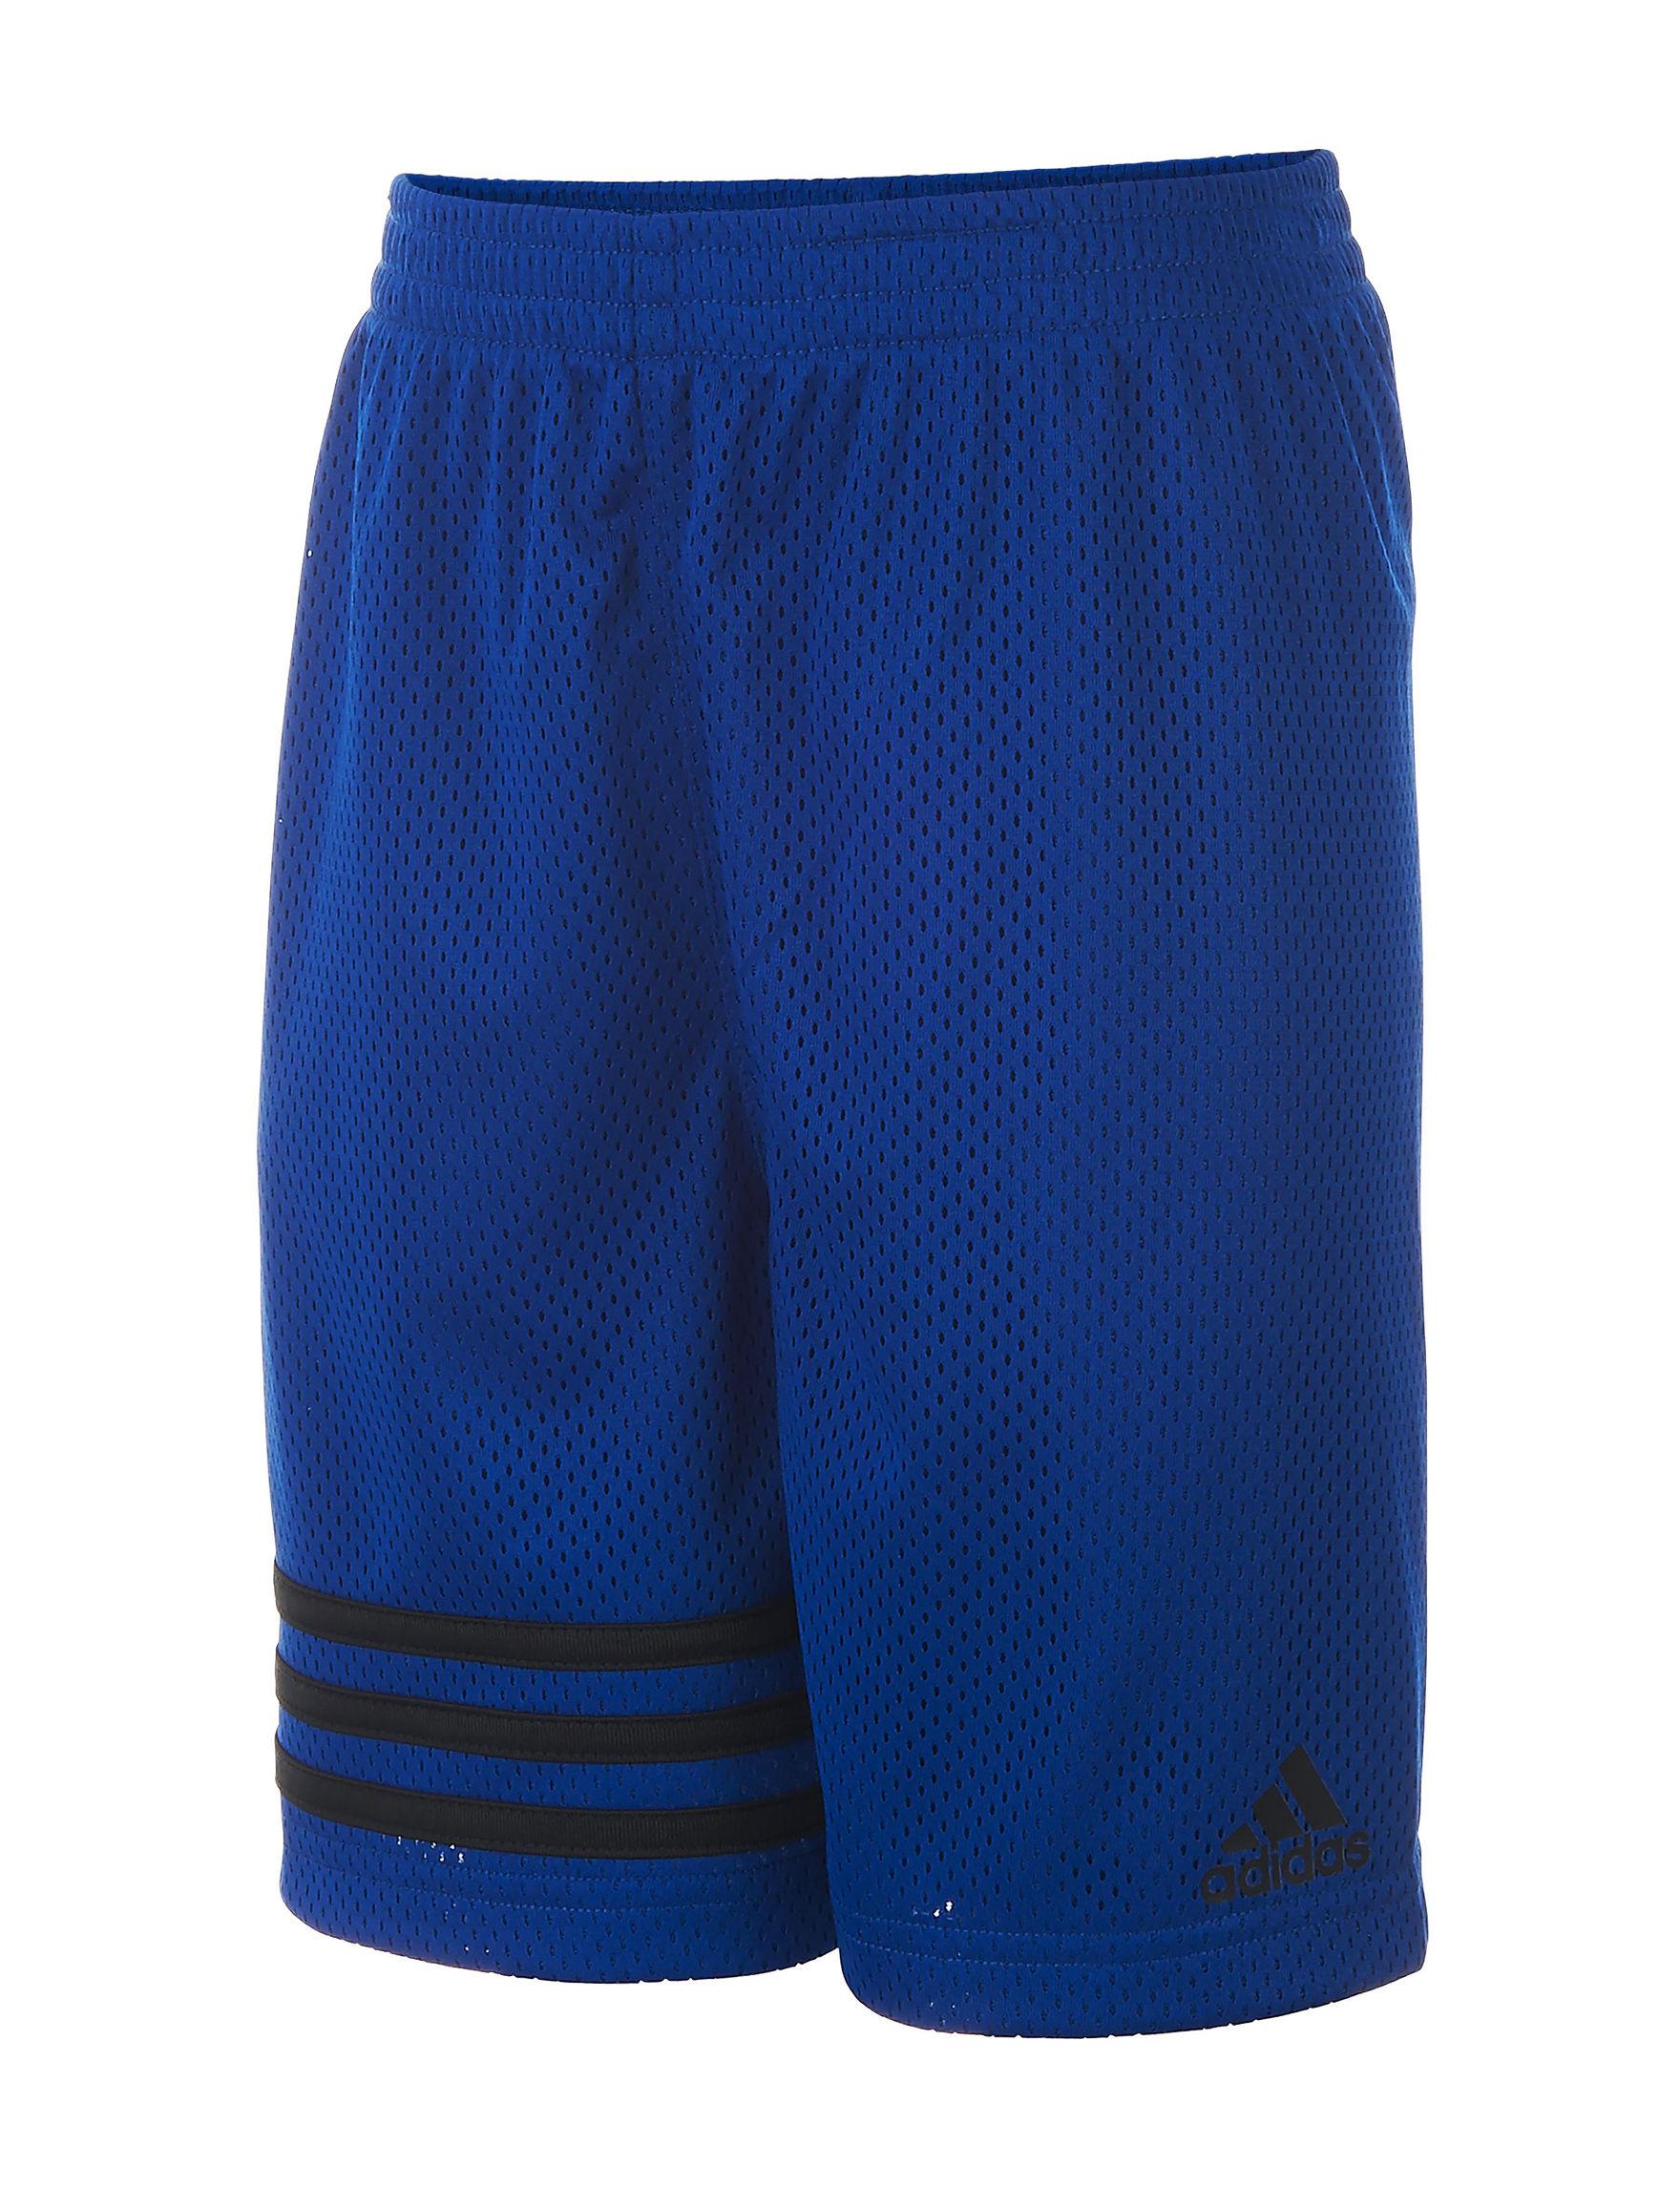 Adidas Dark Blue Stretch